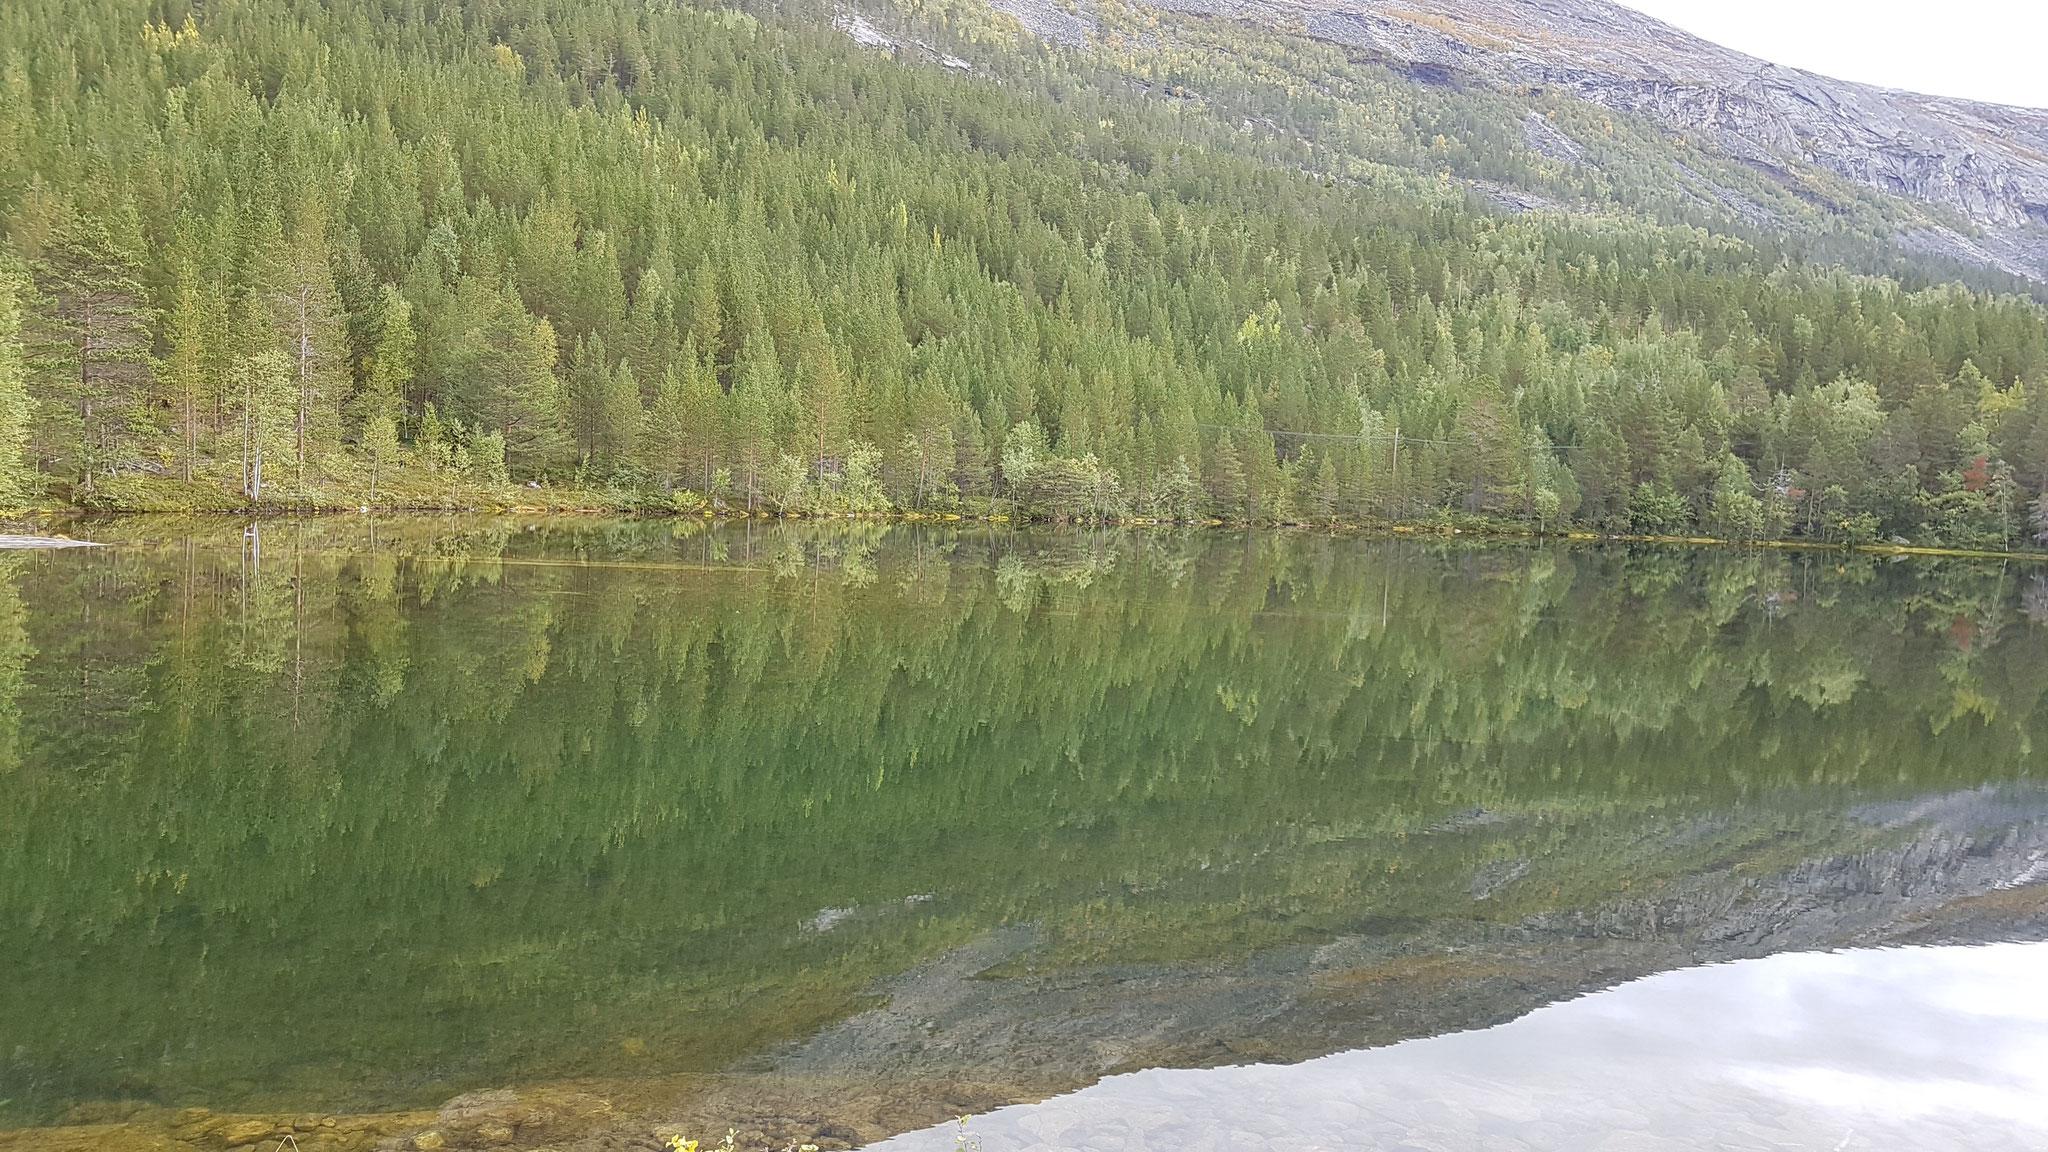 Wahnsinn - diese Seen wirken in echt noch viel schöner